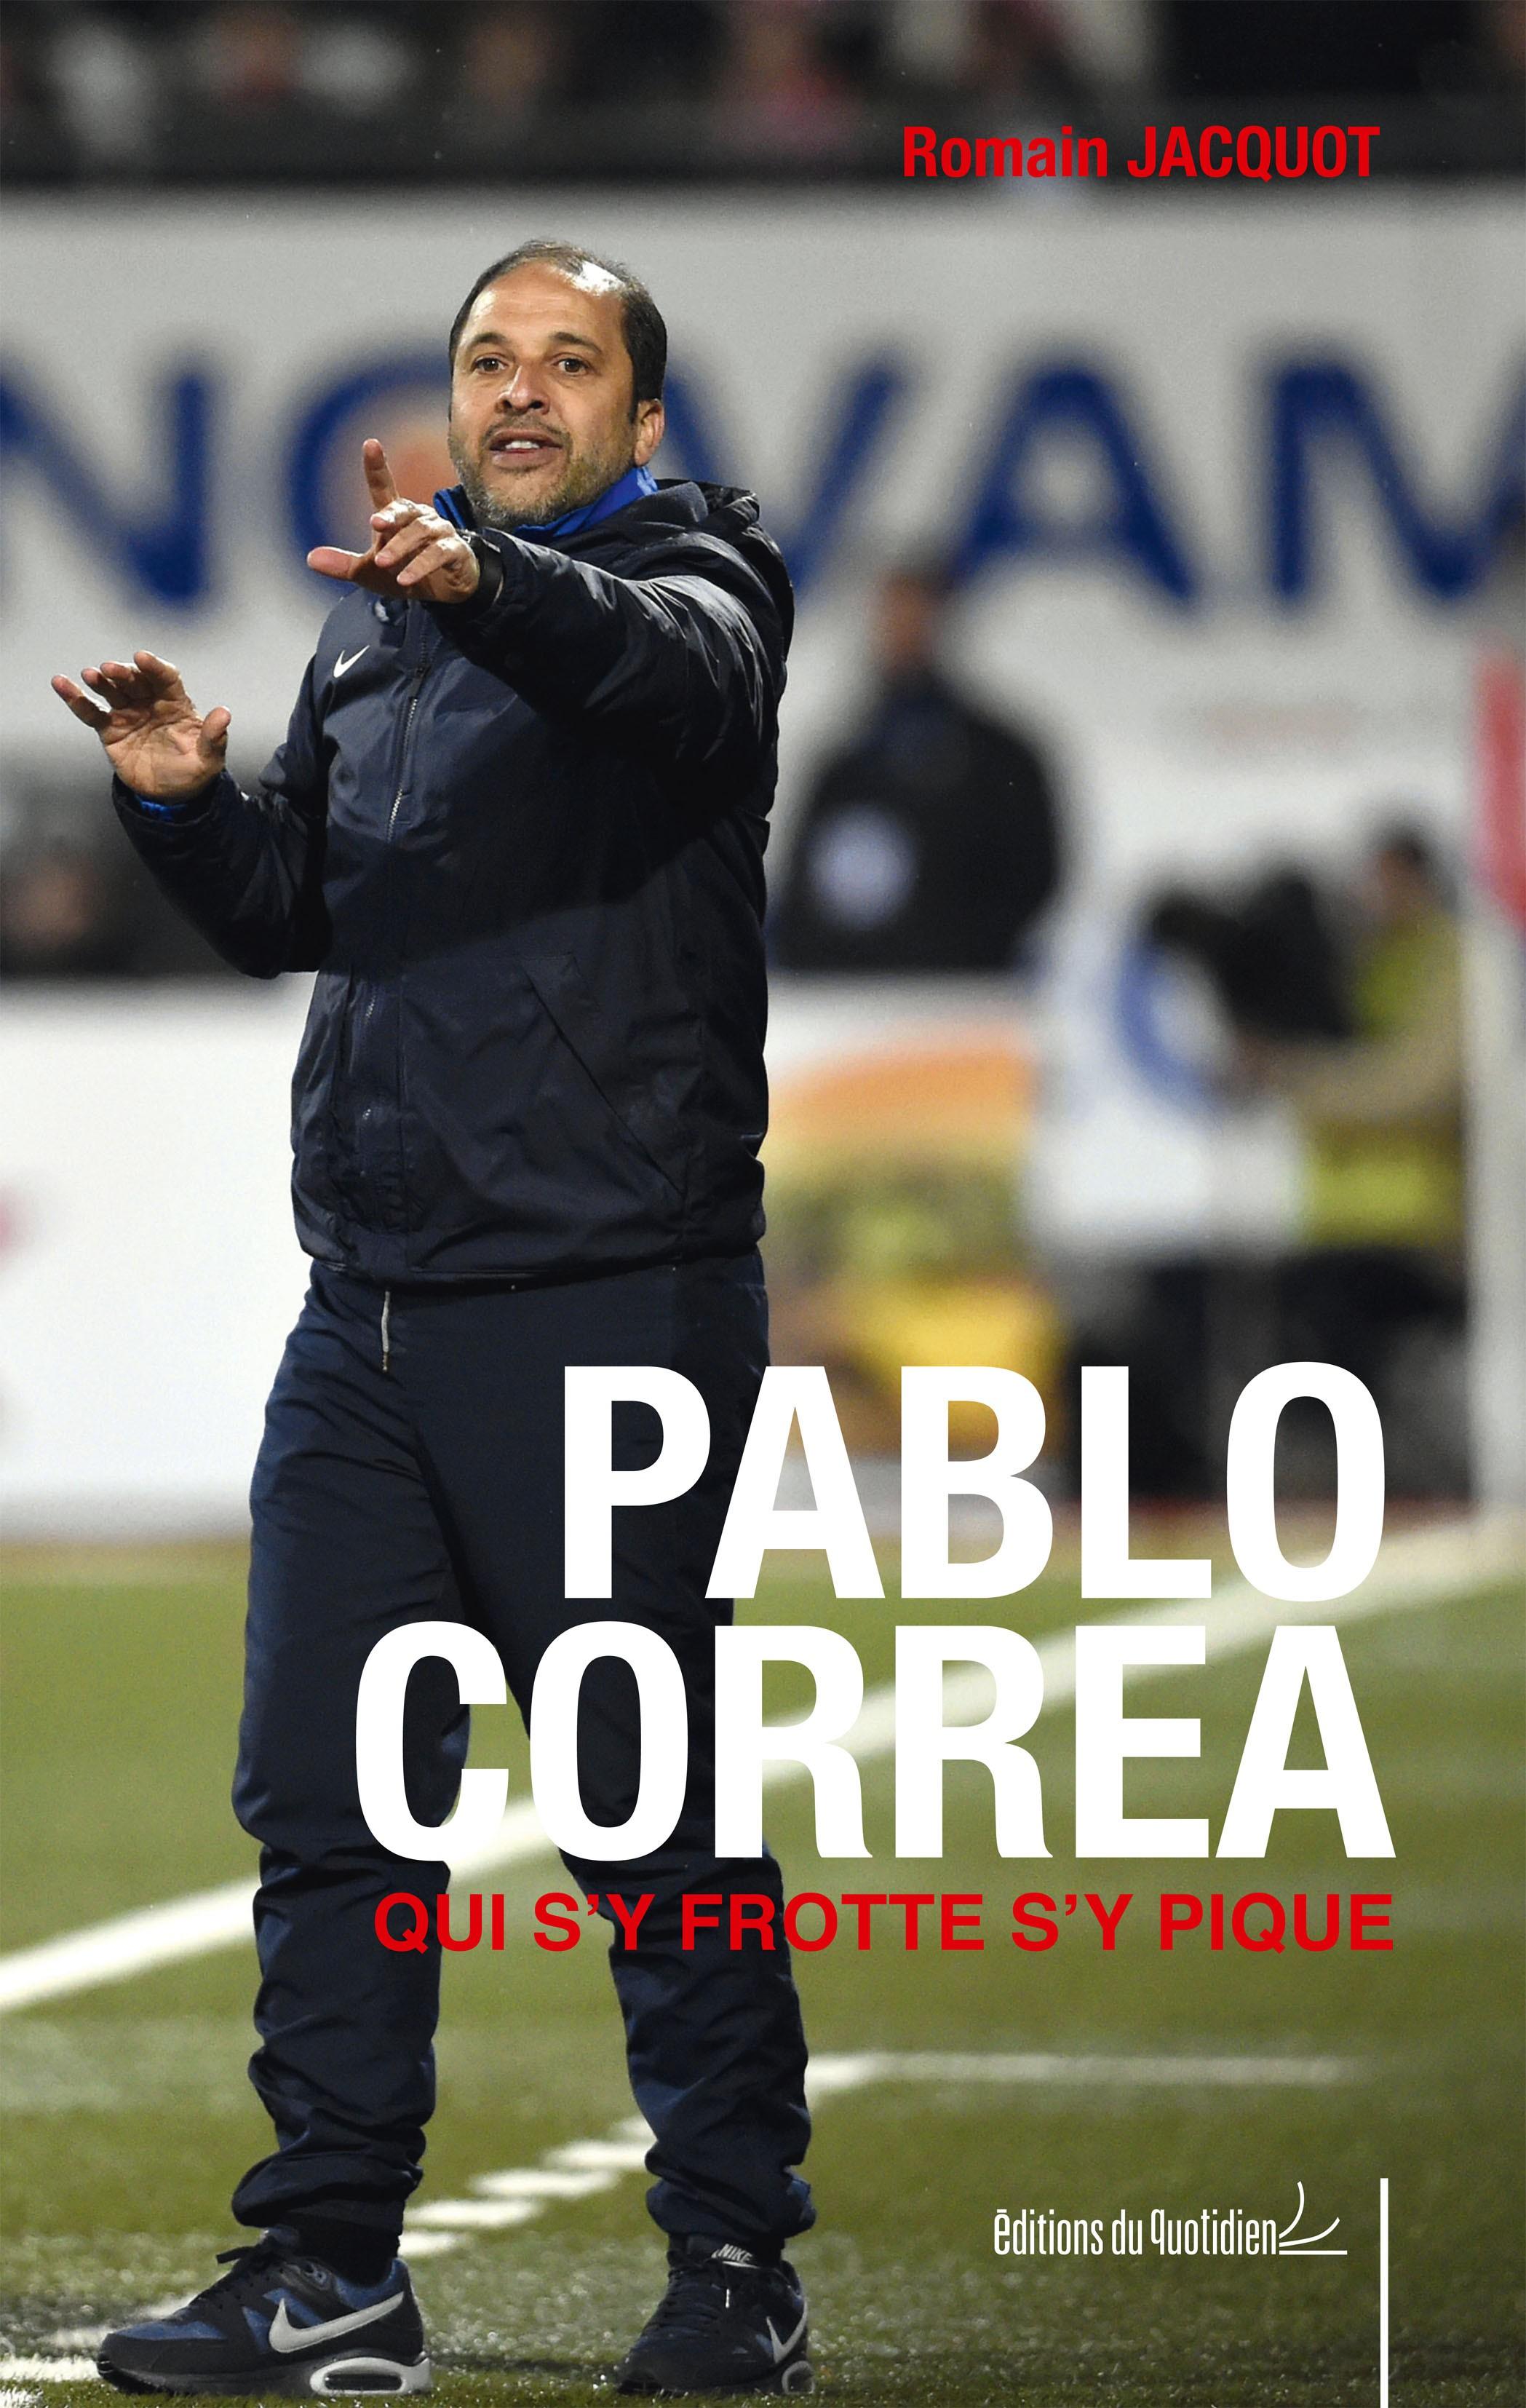 Pablo Correa : Qui s'y frotte s'y pique